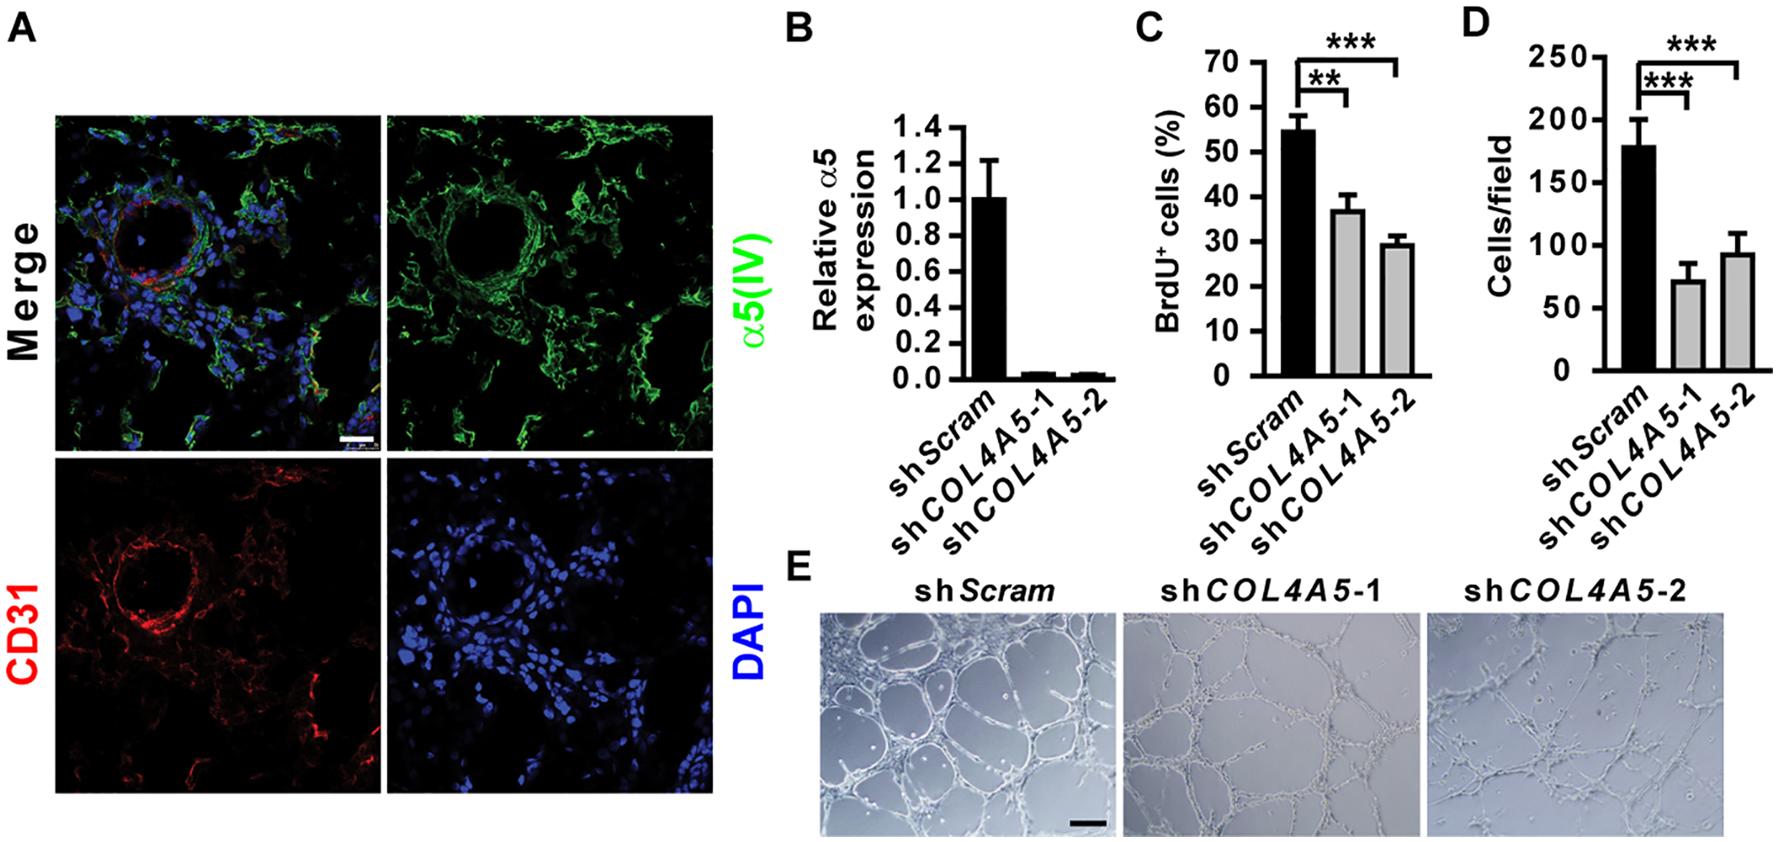 α5(IV) is expressed in endothelial cells and required for endothelial cell proliferation and tubulogenesis.